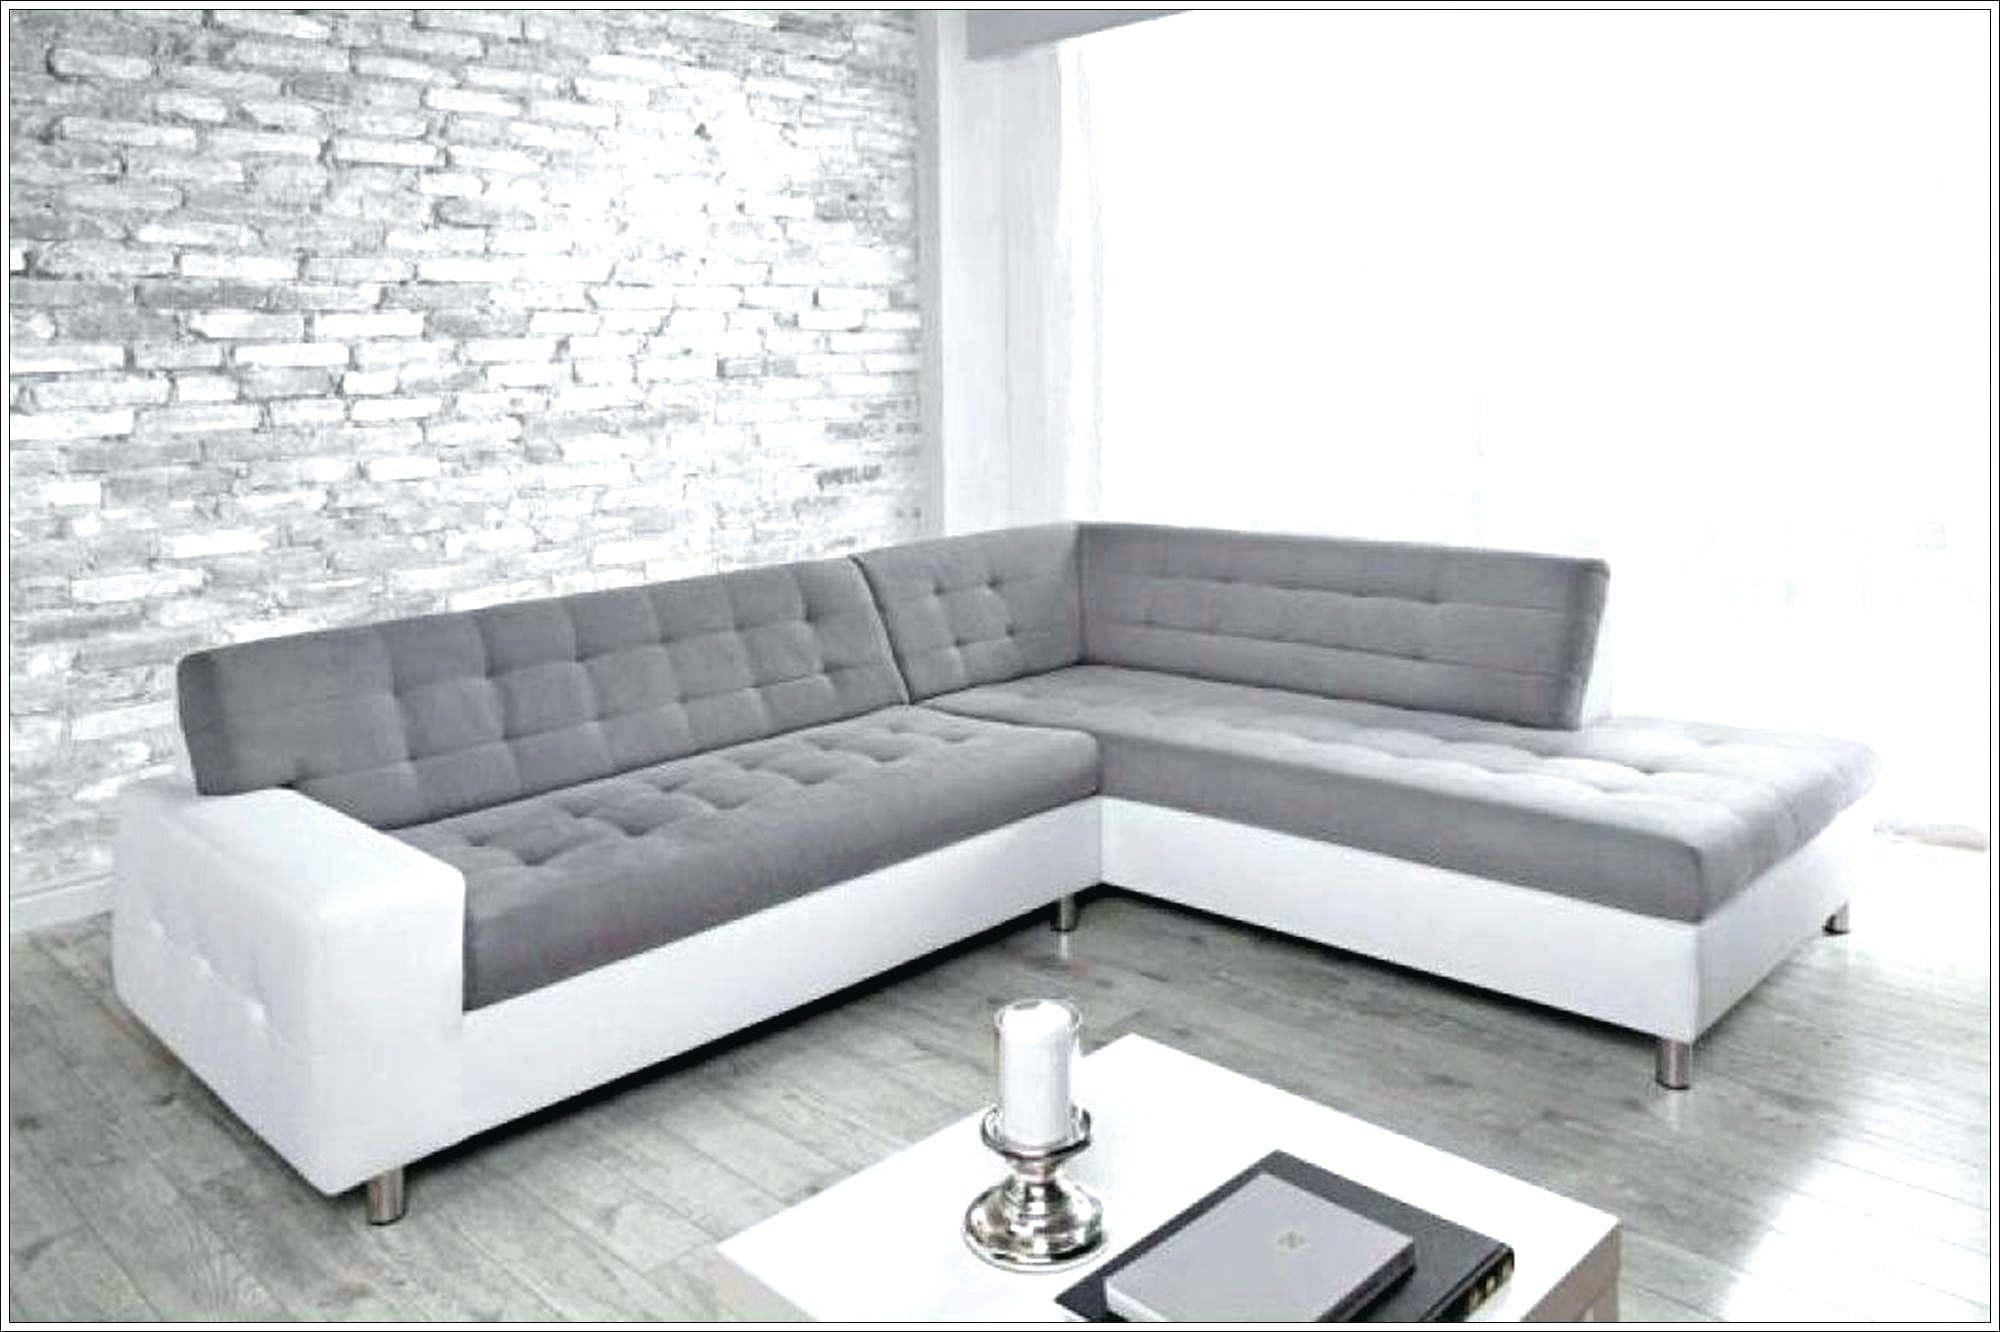 Lit Escamotable Canapé Inspiré 35 Nouveau Lit Escamotable Canapé Ikea Idées